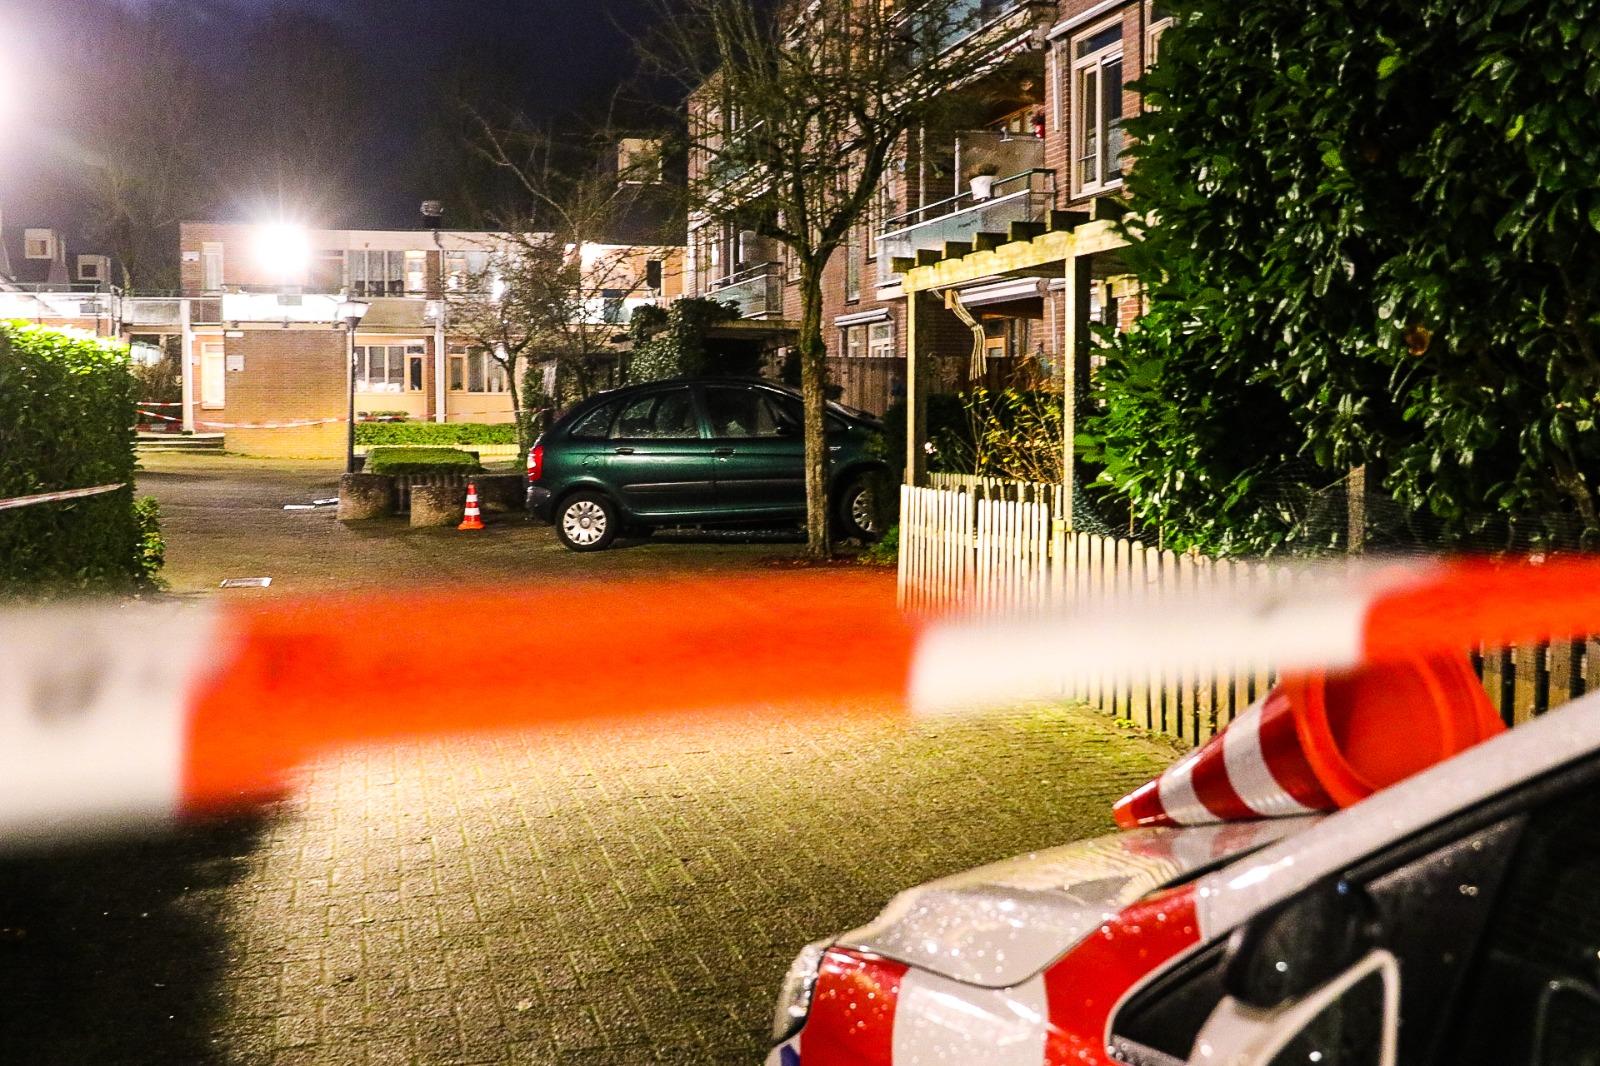 Schietpartij in Apeldoorn; meerdere gewonden gevallen en verdachten opgepakt